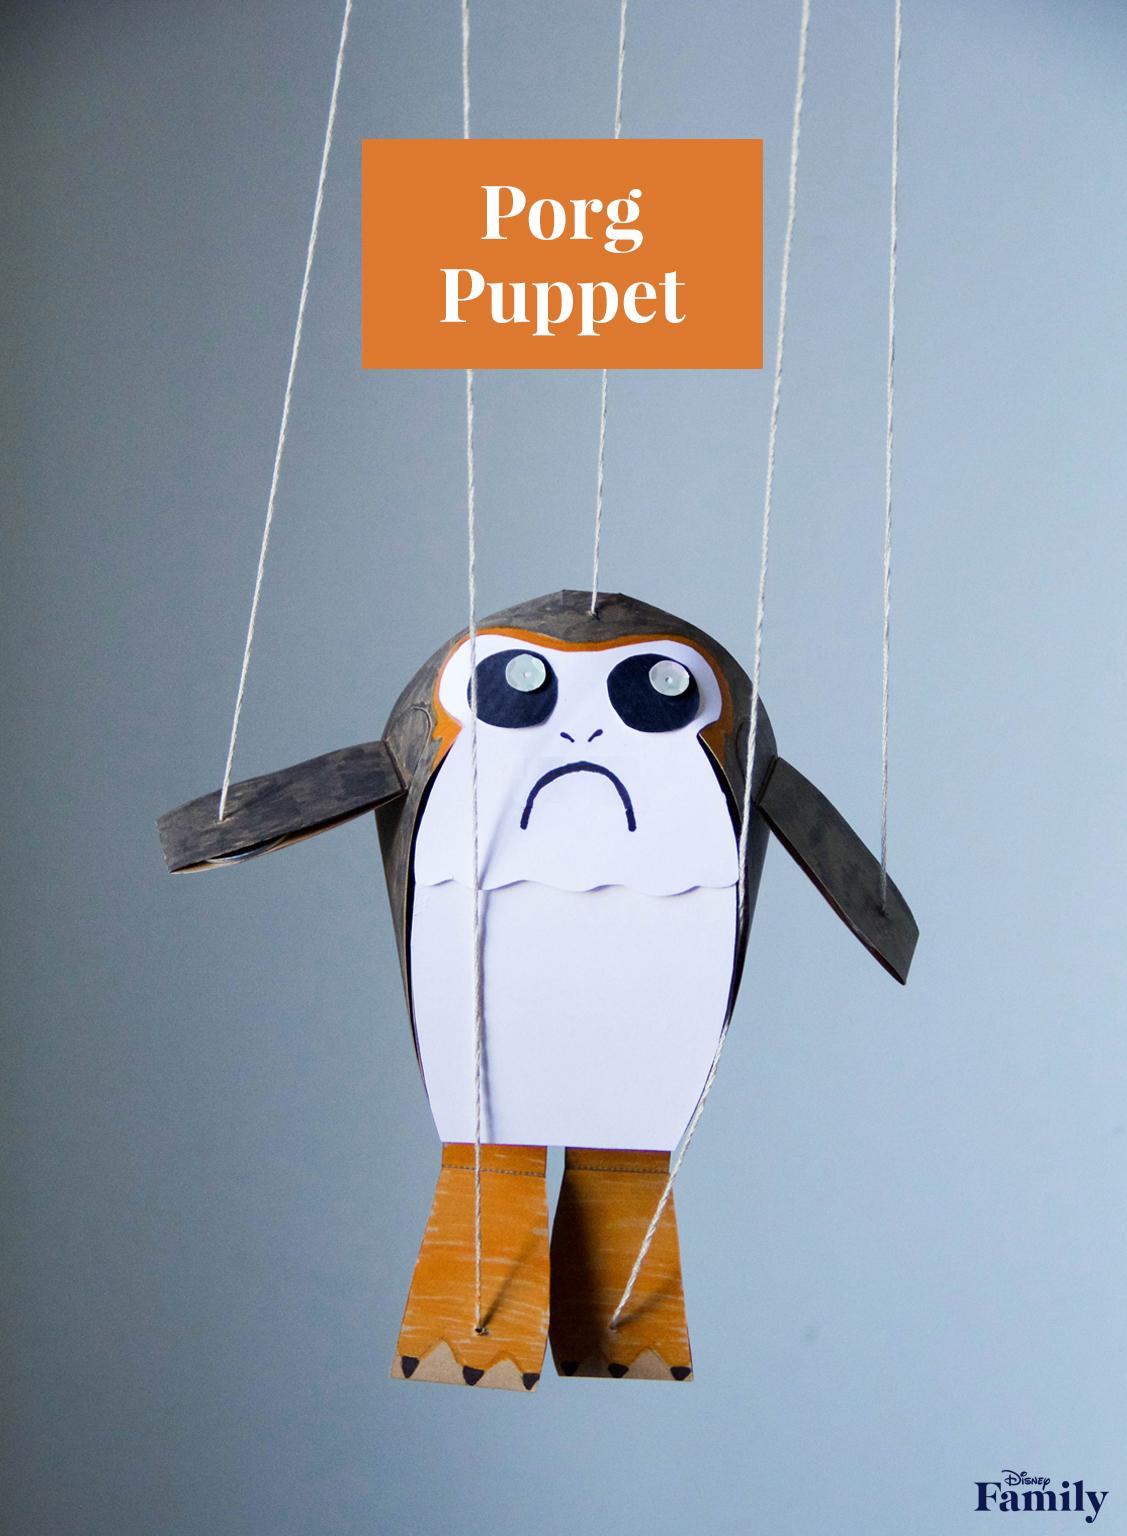 puppet-porg.jpg